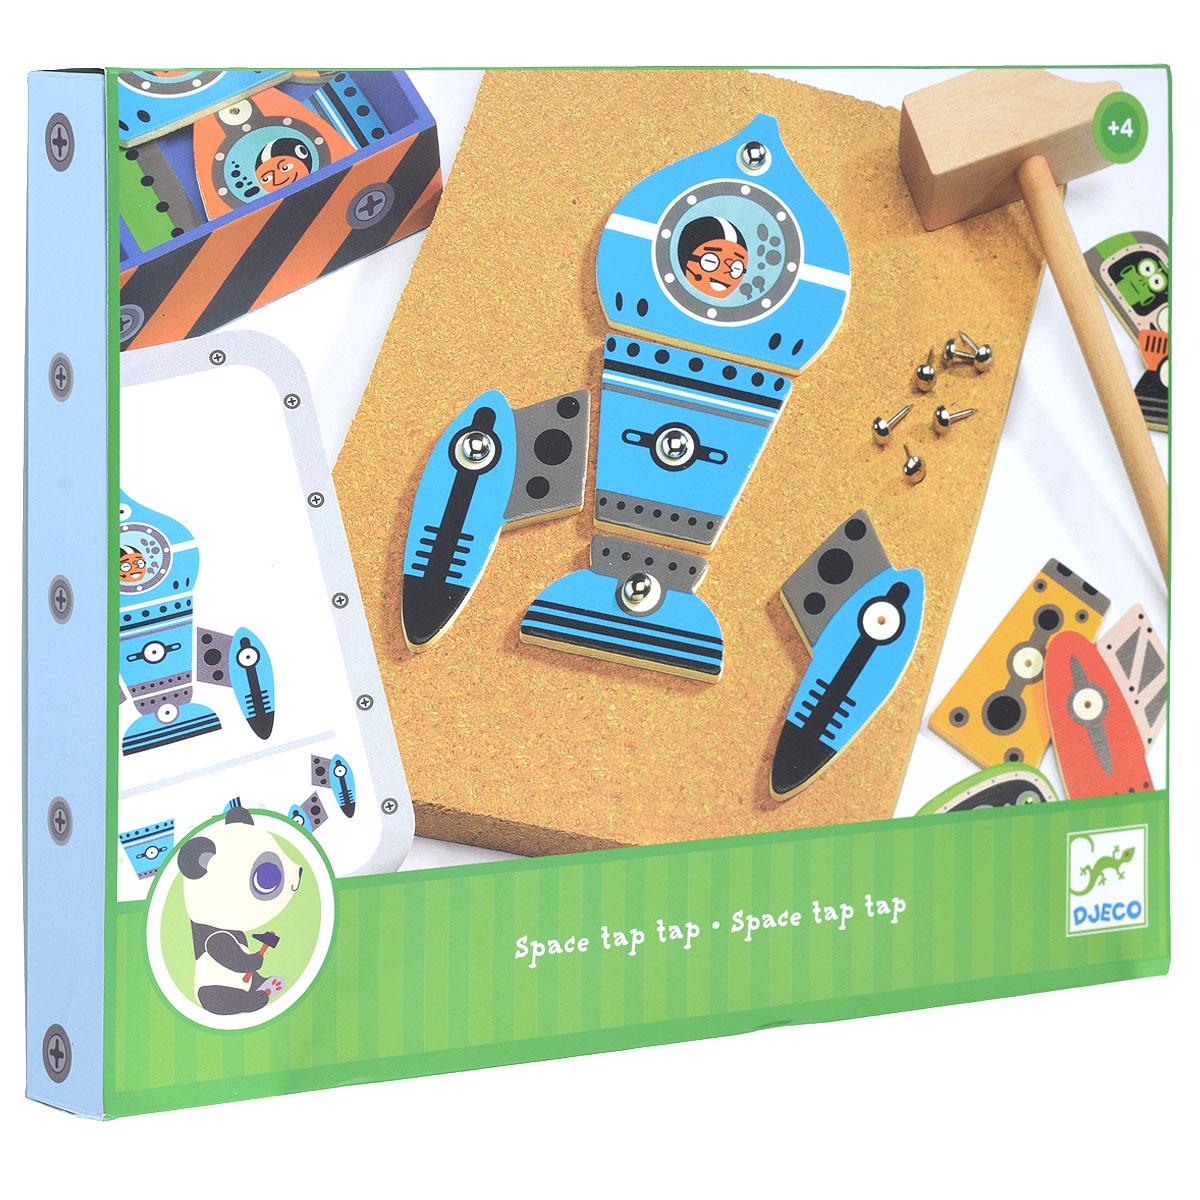 Djeco Игровой набор-конструктор Космодром06642Игровой набор-конструктор Djeco Космодром станет увлекательным развлечением для каждого ребенка, ведь он сможет собрать собственную ракету для полетов в космос. В набор входят основа, на которой будет собираться ракета, деревянные элементы с изображениями фрагментов 5 разных летательных аппаратов, 5 двусторонних карточек с изображениями возможных вариантов ракет, металлические гвоздики и деревянный молоток. С помощью элементов набора малыш сможет создать оригинальный космический летательный аппарат согласно изображениям на карточках или проявить творческие способности и придумать собственный вариант. В элементах конструктора имеются дырочки для гвоздиков. Выбрав нужные элементы, осторожно приколотите их к основе - и ракета готова! Гвоздики легко извлекаются из основы, и можно создавать ракеты снова и снова. Конструктор упакован в подарочную коробку. Конструкторы Djeco - увлекательная игра, в процессе которой развивается фантазия и пространственное мышление...